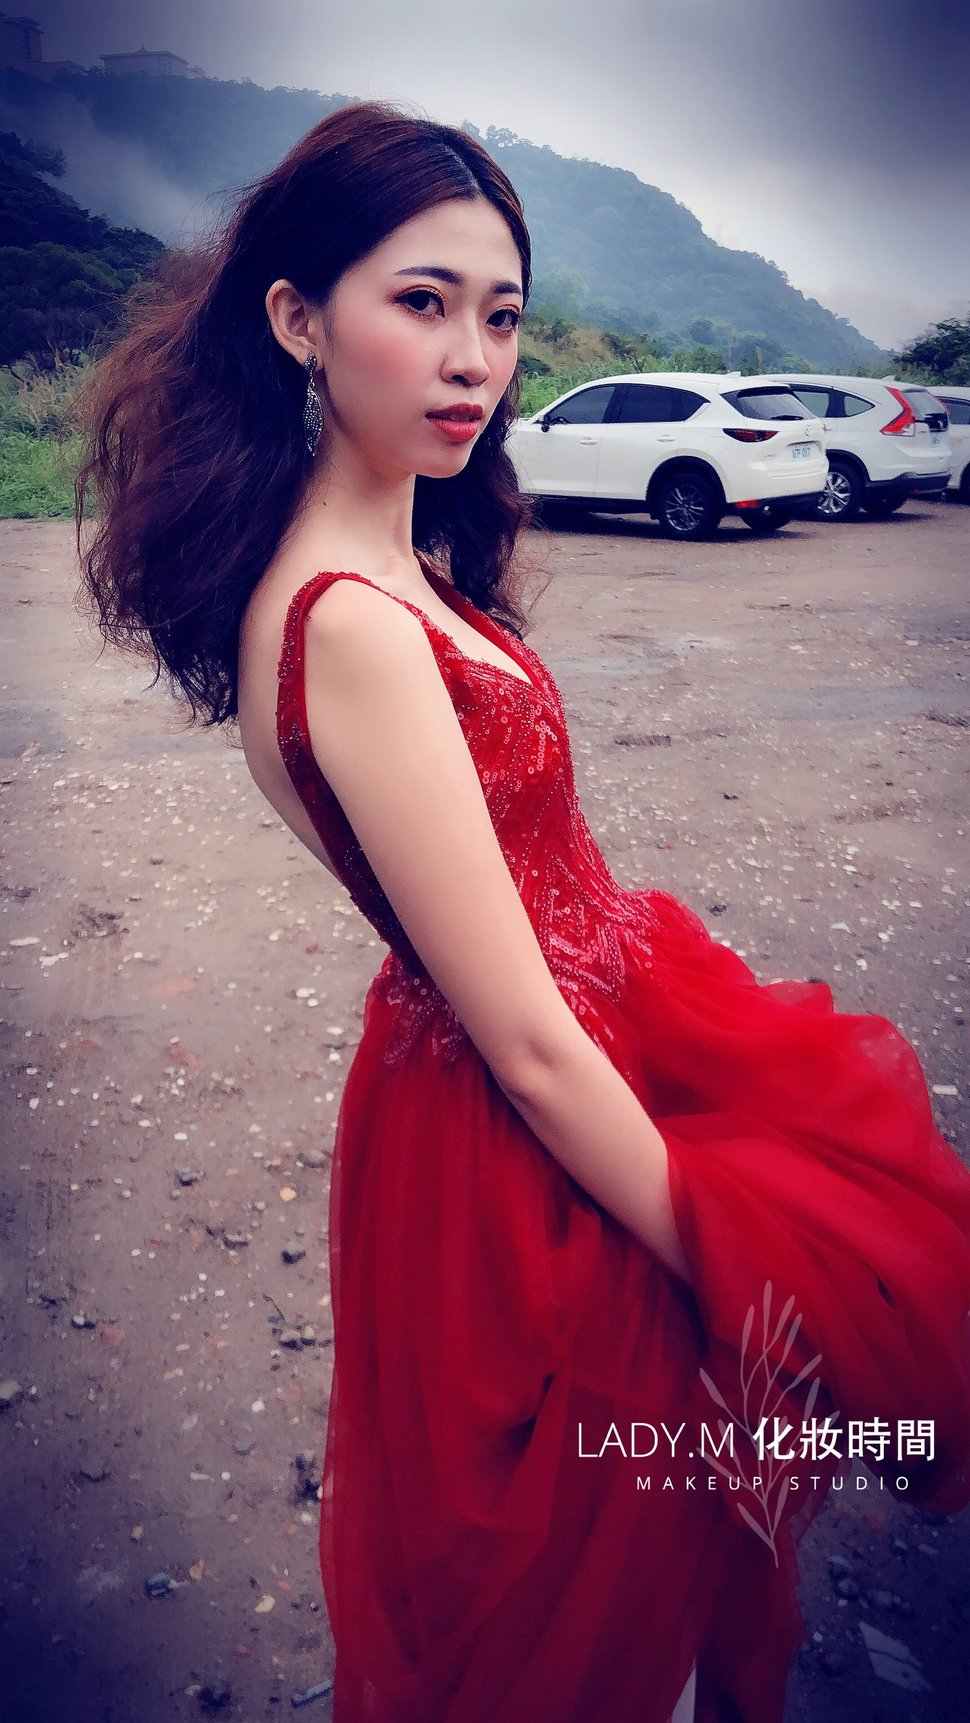 82F849B1-3A9D-4D03-839F-A7334F99E7D1 - LadyM化妝時間•Mia makeup - 結婚吧